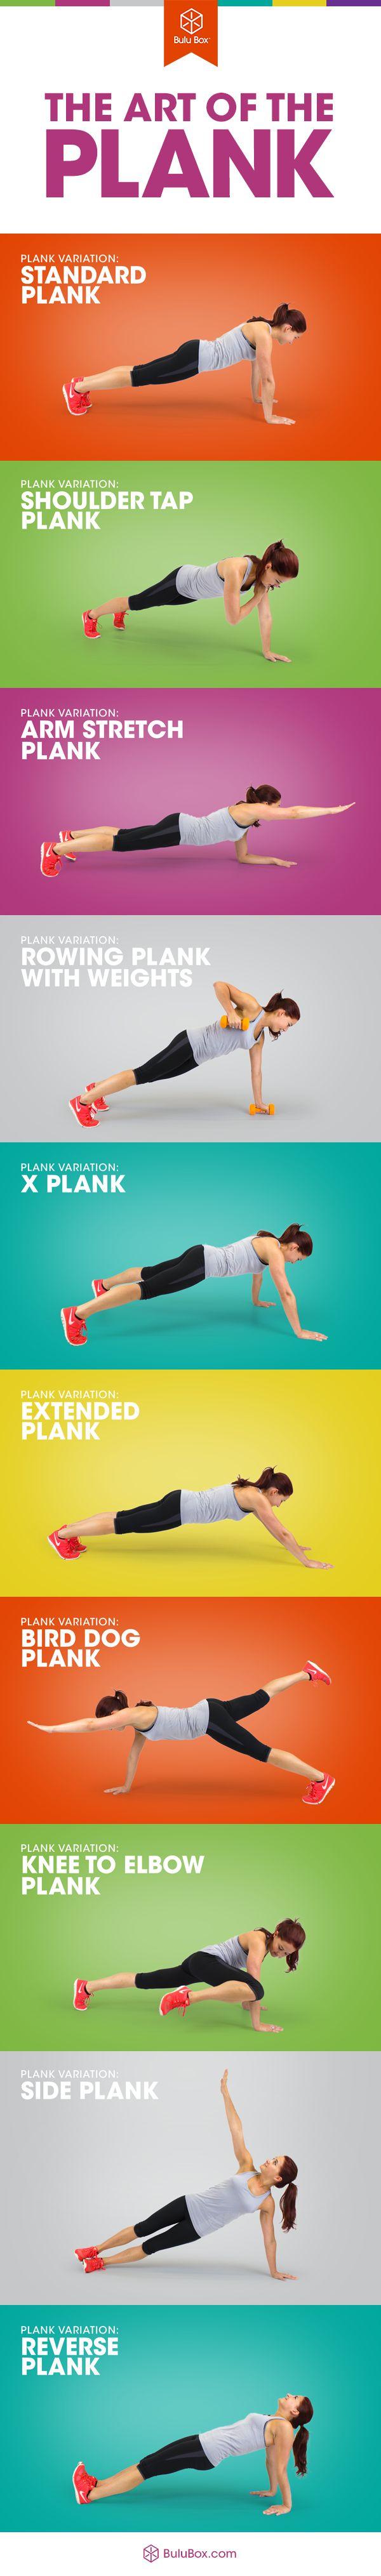 10 variações da prancha para misturar acima de seu exercício  #plank #exercis